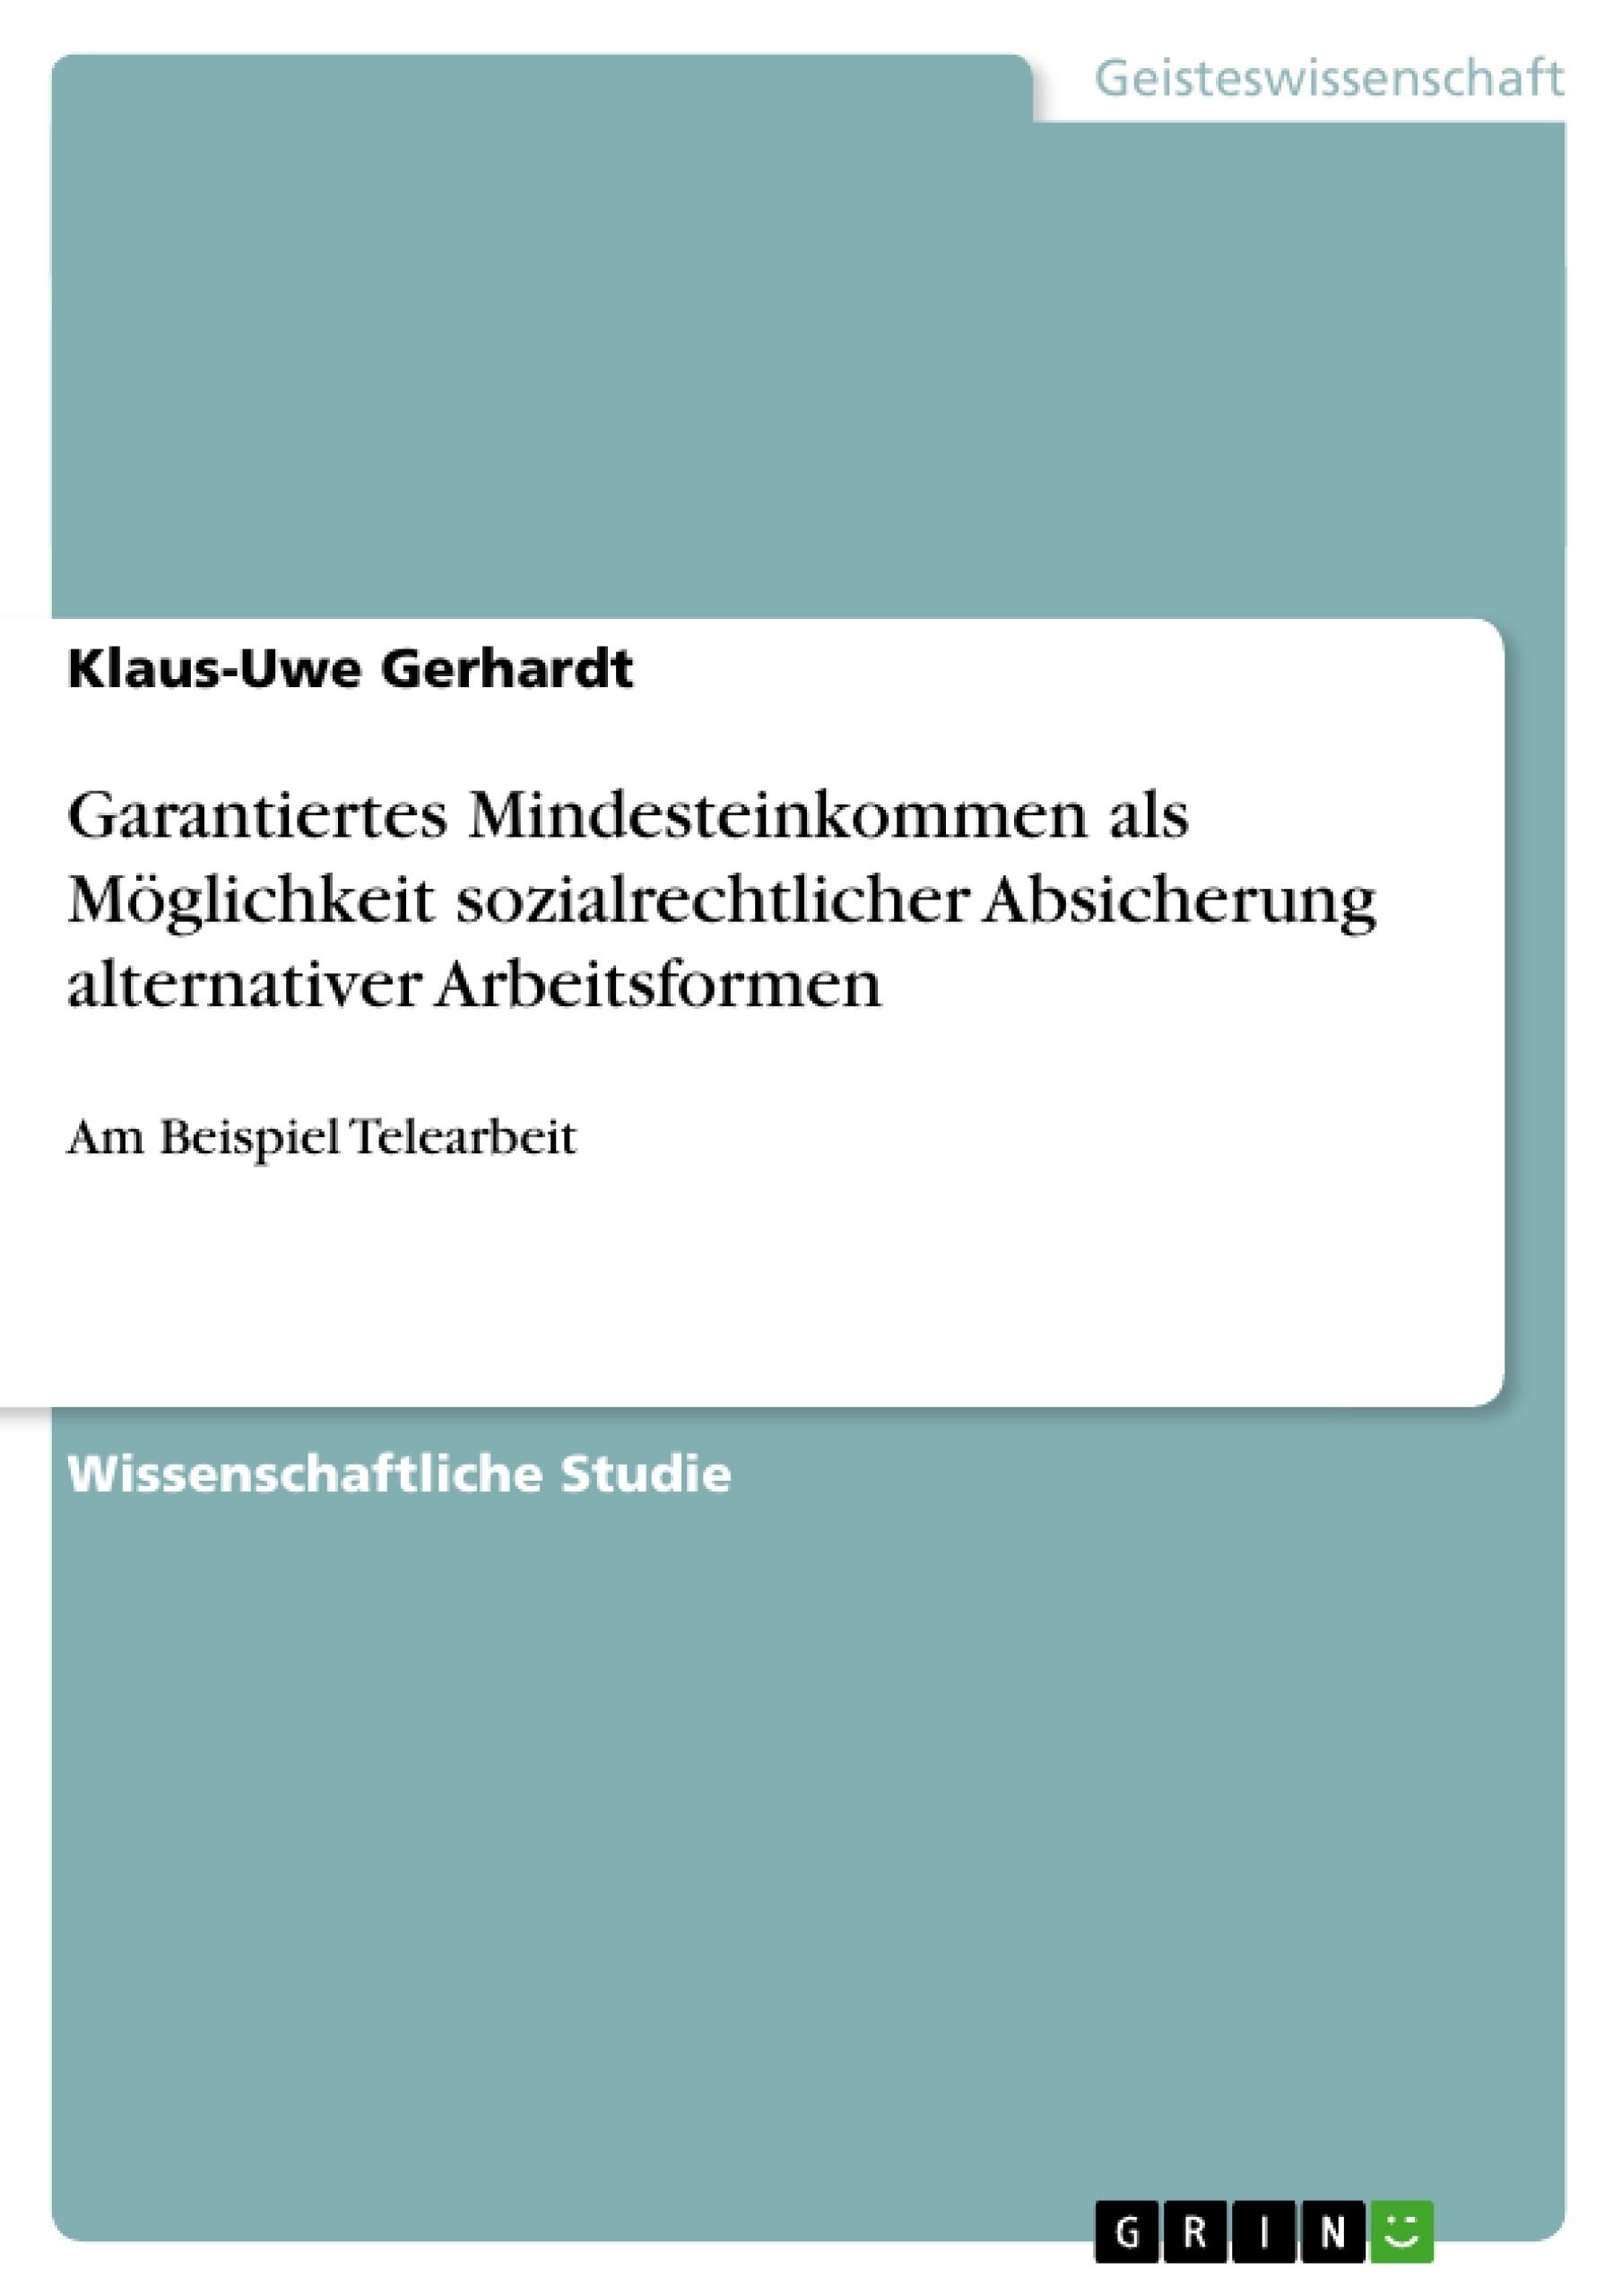 Titel: Garantiertes Mindesteinkommen als Möglichkeit sozialrechtlicher Absicherung alternativer Arbeitsformen